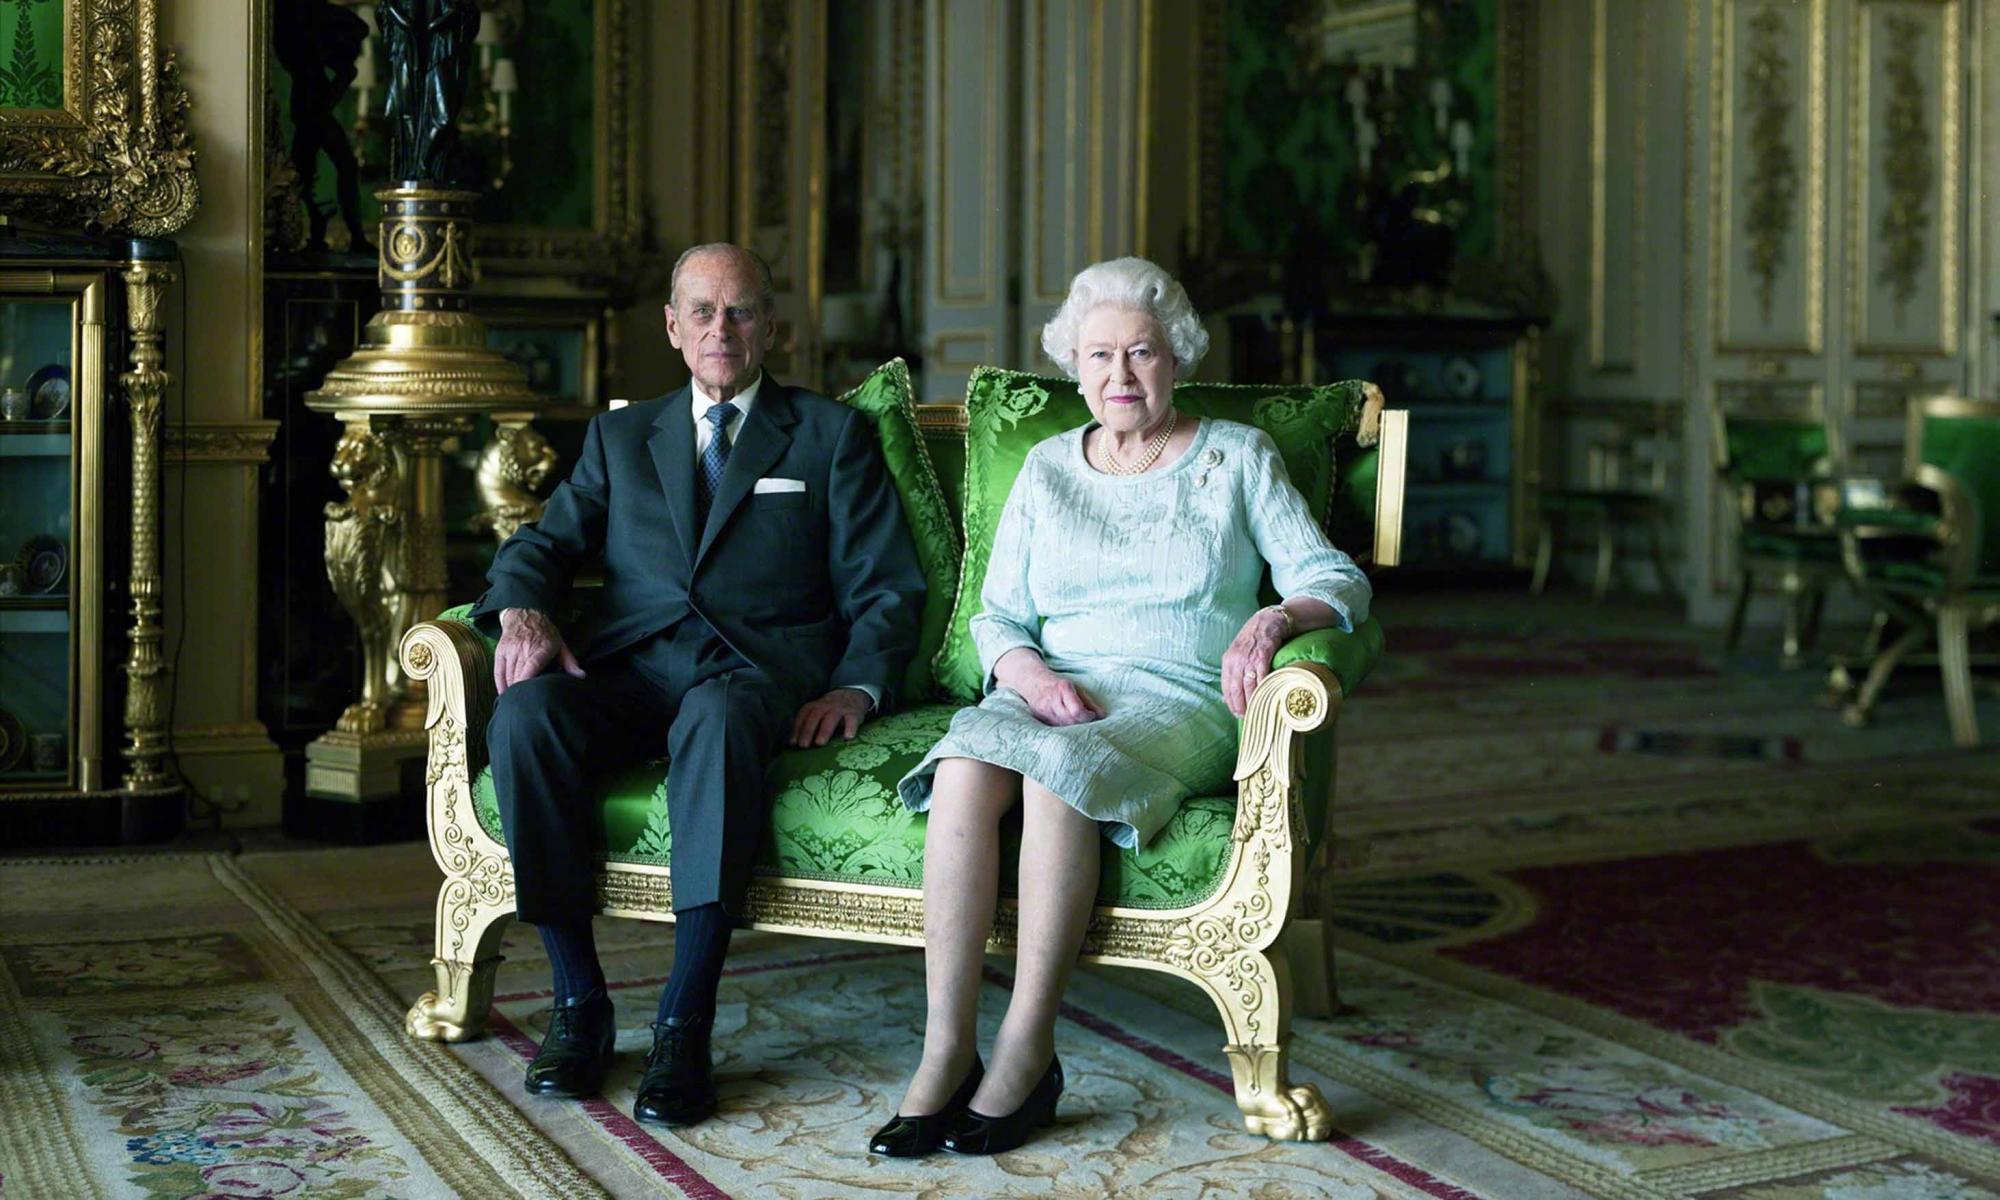 El mensaje de la reina Isabel II tras abandonar el Palacio de Buckingham